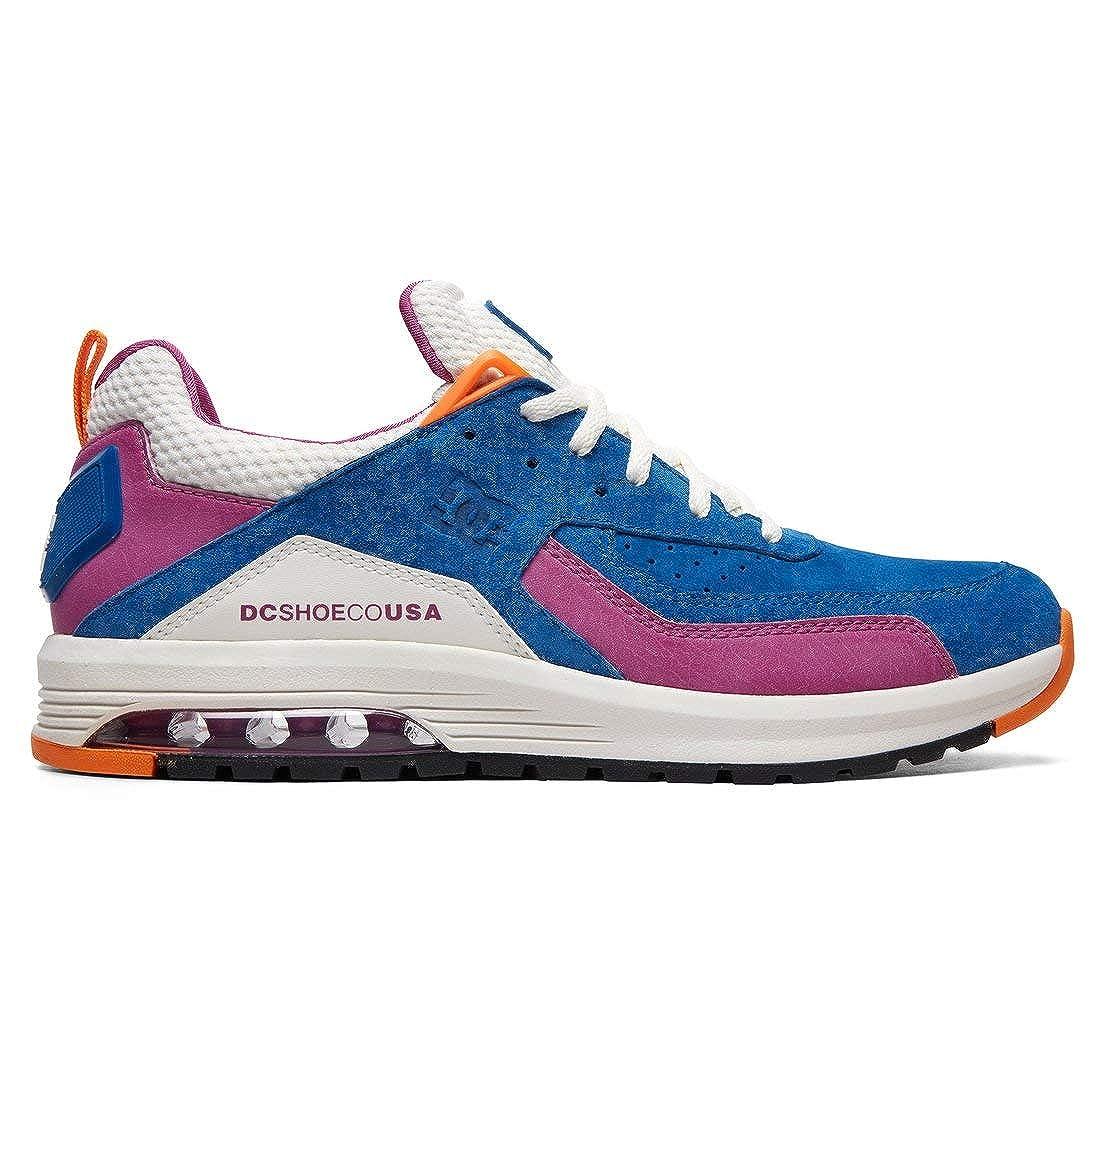 Bleu - Aqua DC chaussures Vandium Se - Baskets pour Homme ADYS200067 45 EU